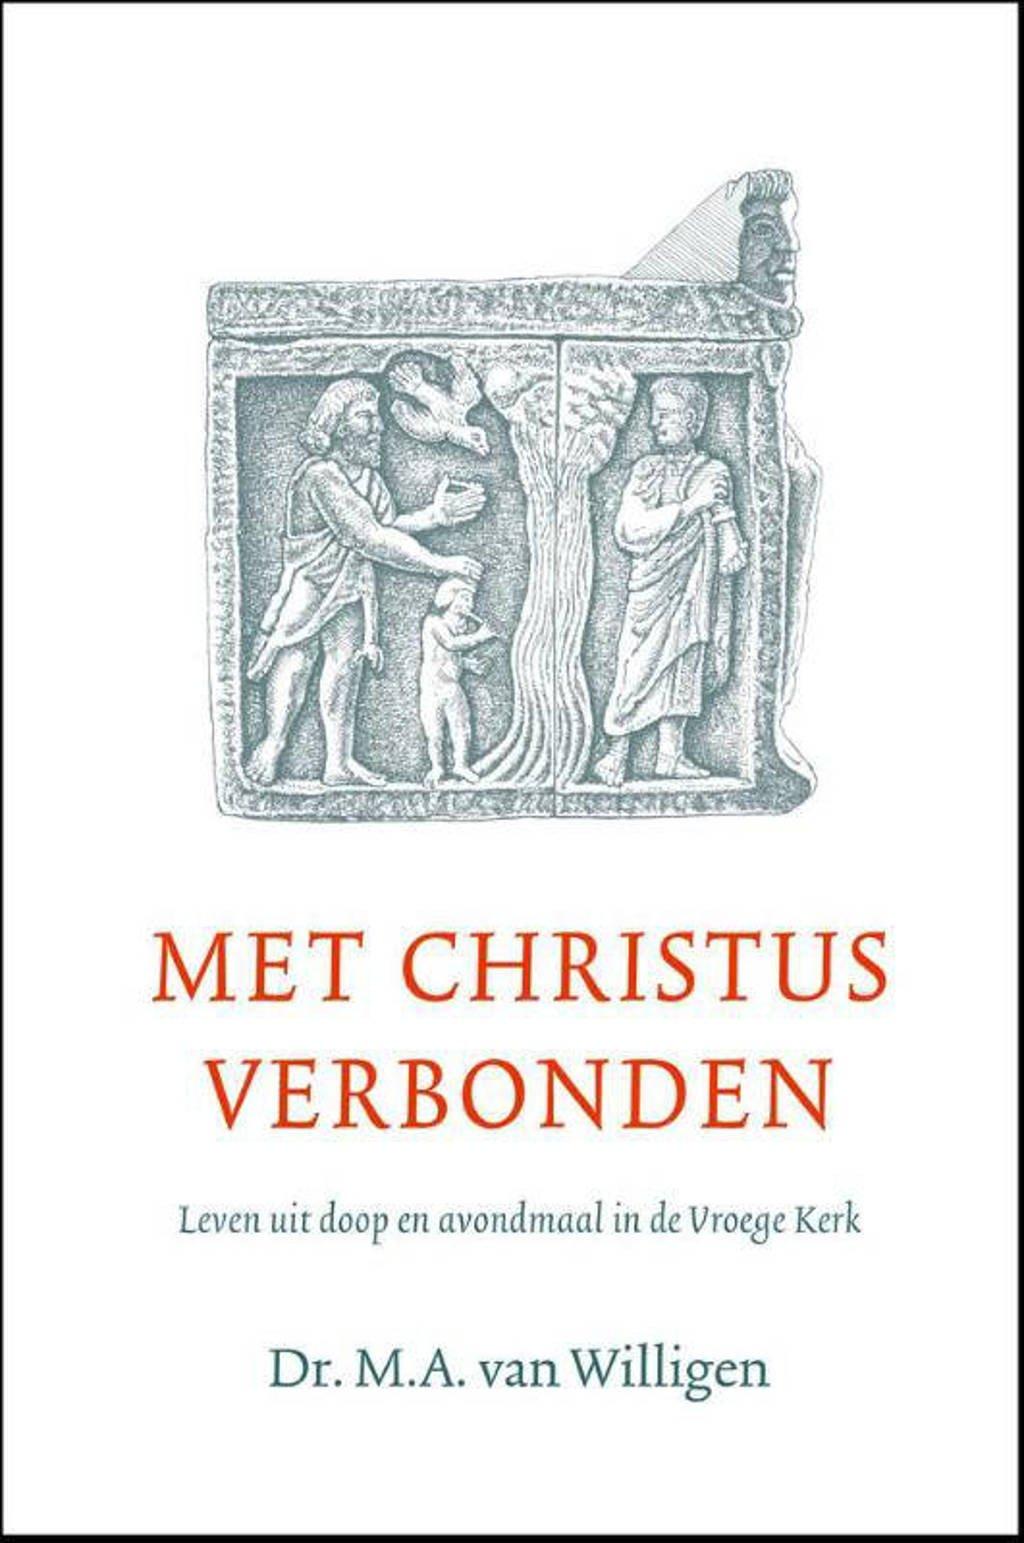 Met Christus verbonden - M.A. van Willigen